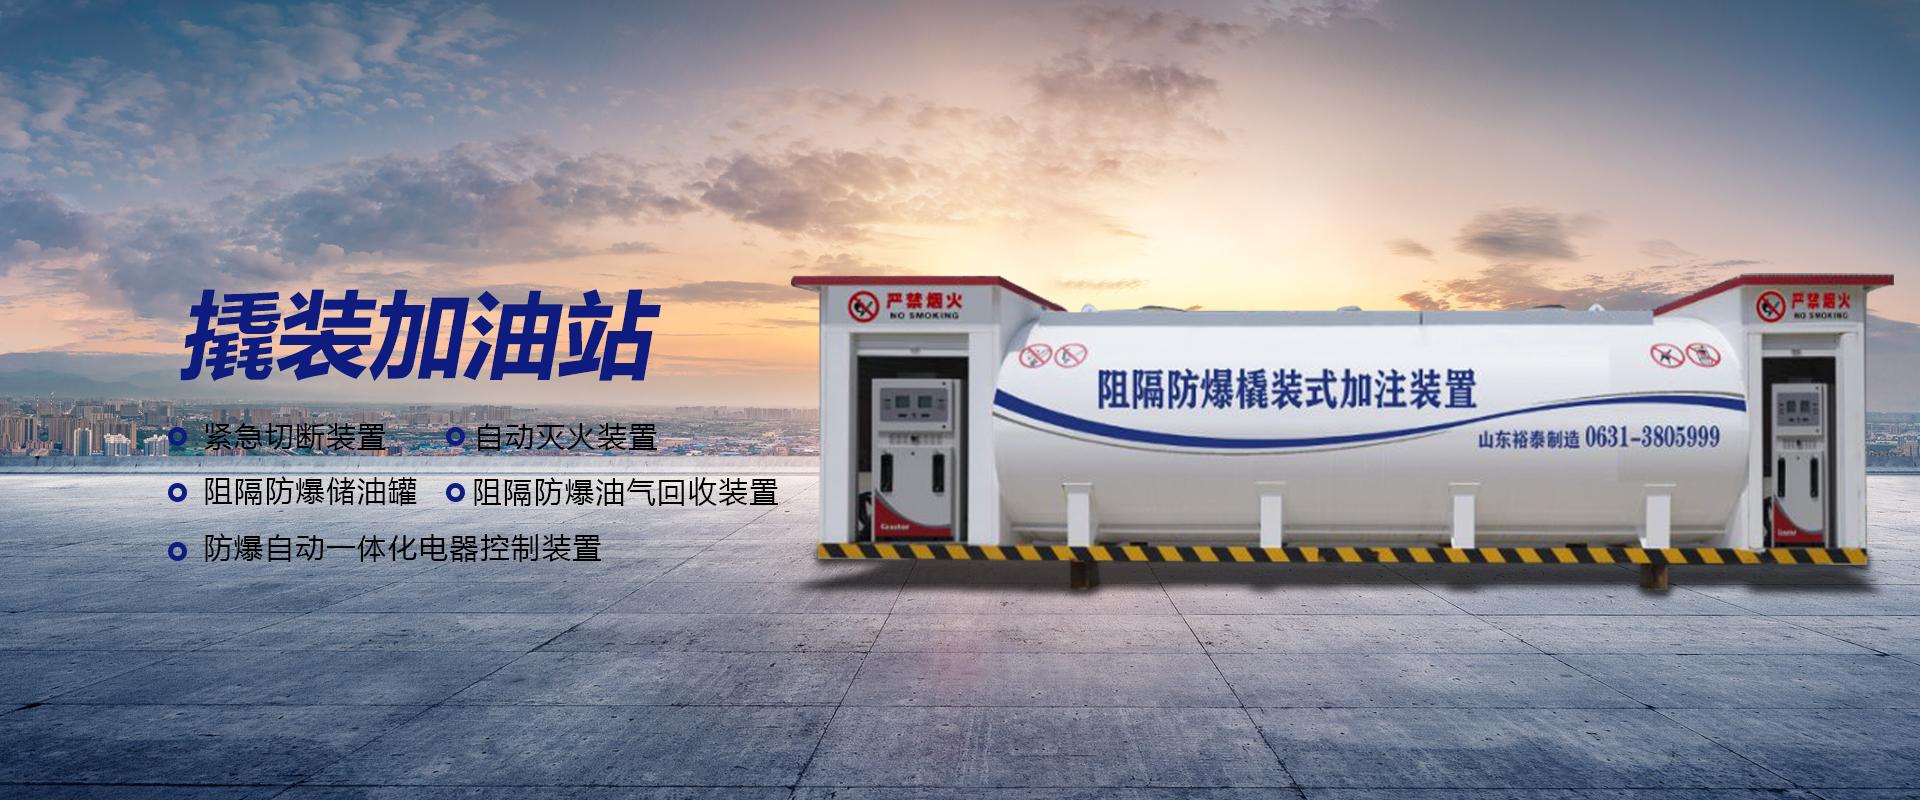 撬装加油站,撬装加油站厂家,撬装式加油装置,加油站撬装